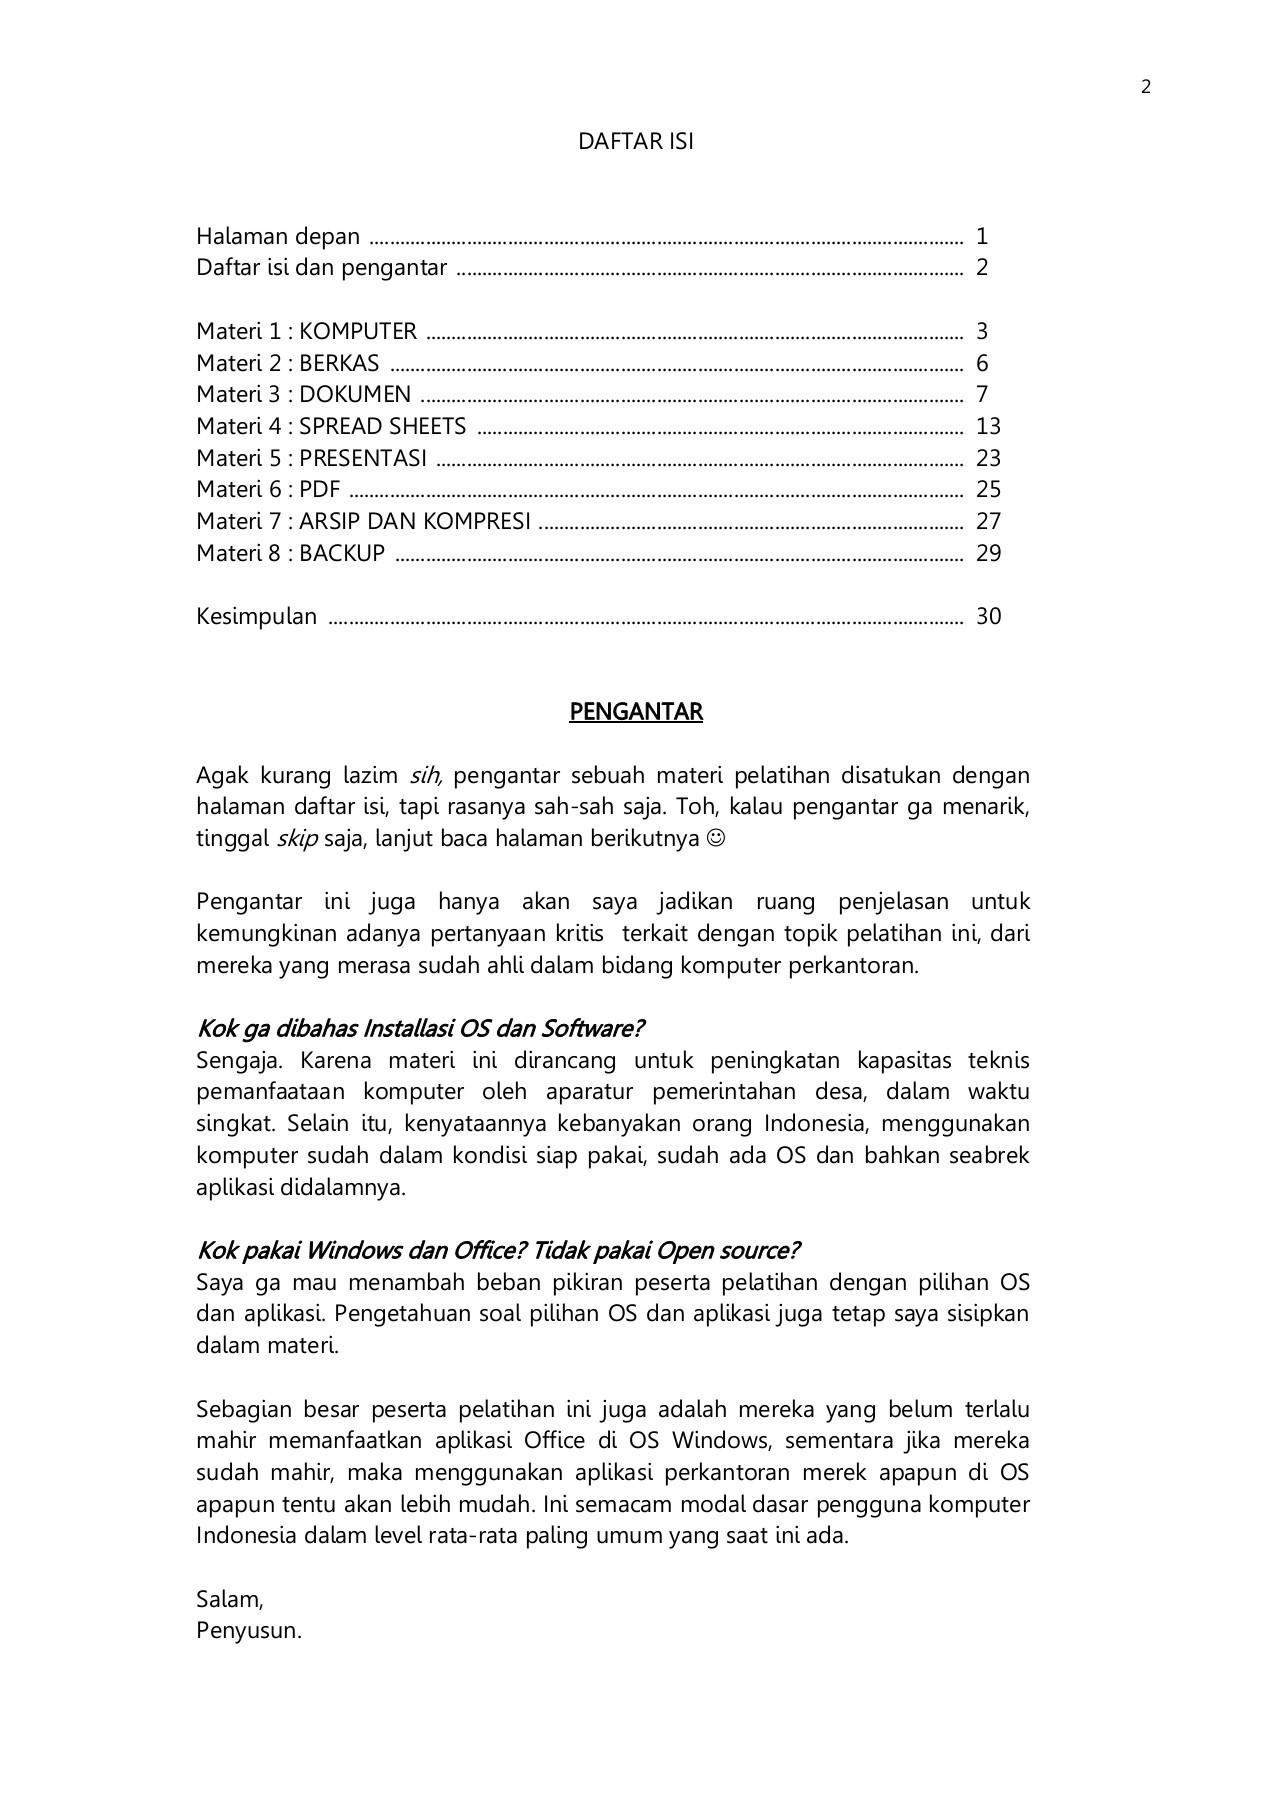 Materi Aplikasi Perkantoran : materi, aplikasi, perkantoran, TEKNIK, DASAR, KOMPUTER, PERKANTORAN, Pages, Download, FlipHTML5